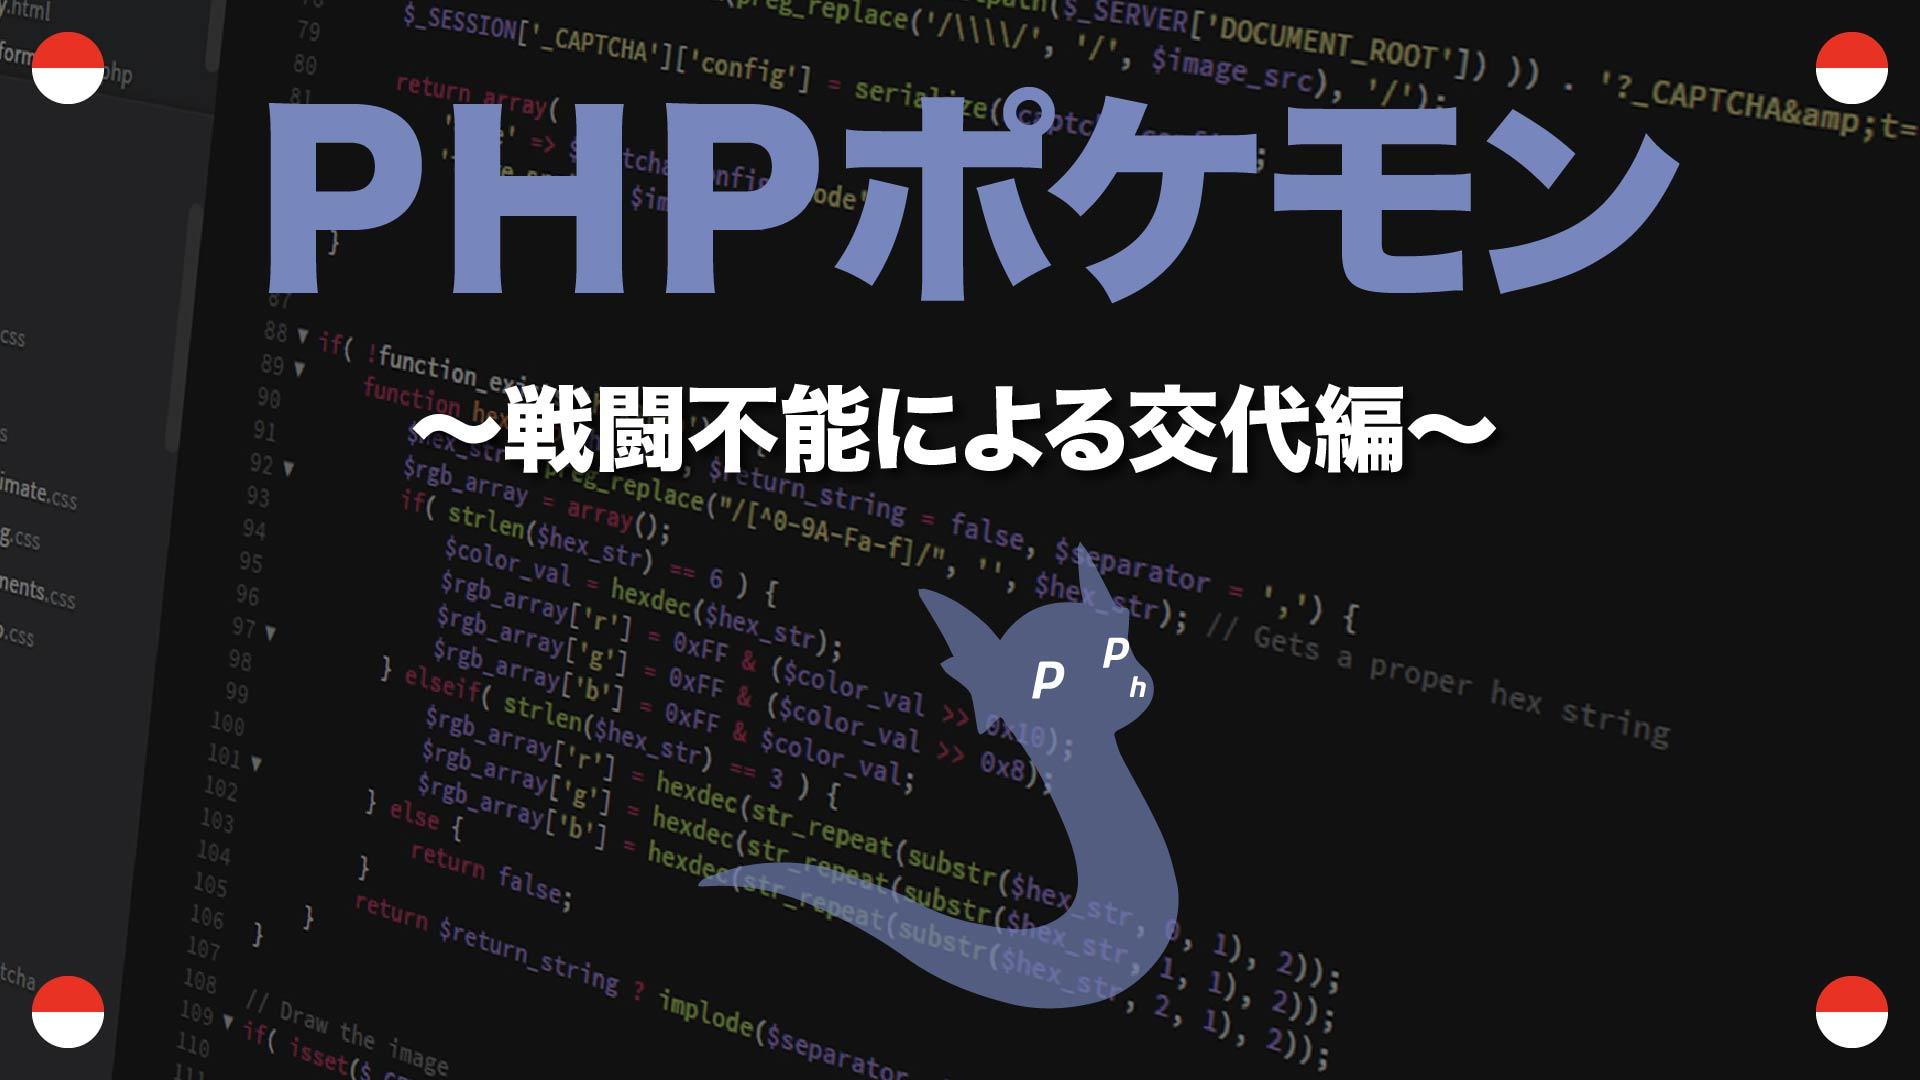 戦闘不能による交代編 PHPポケモン84